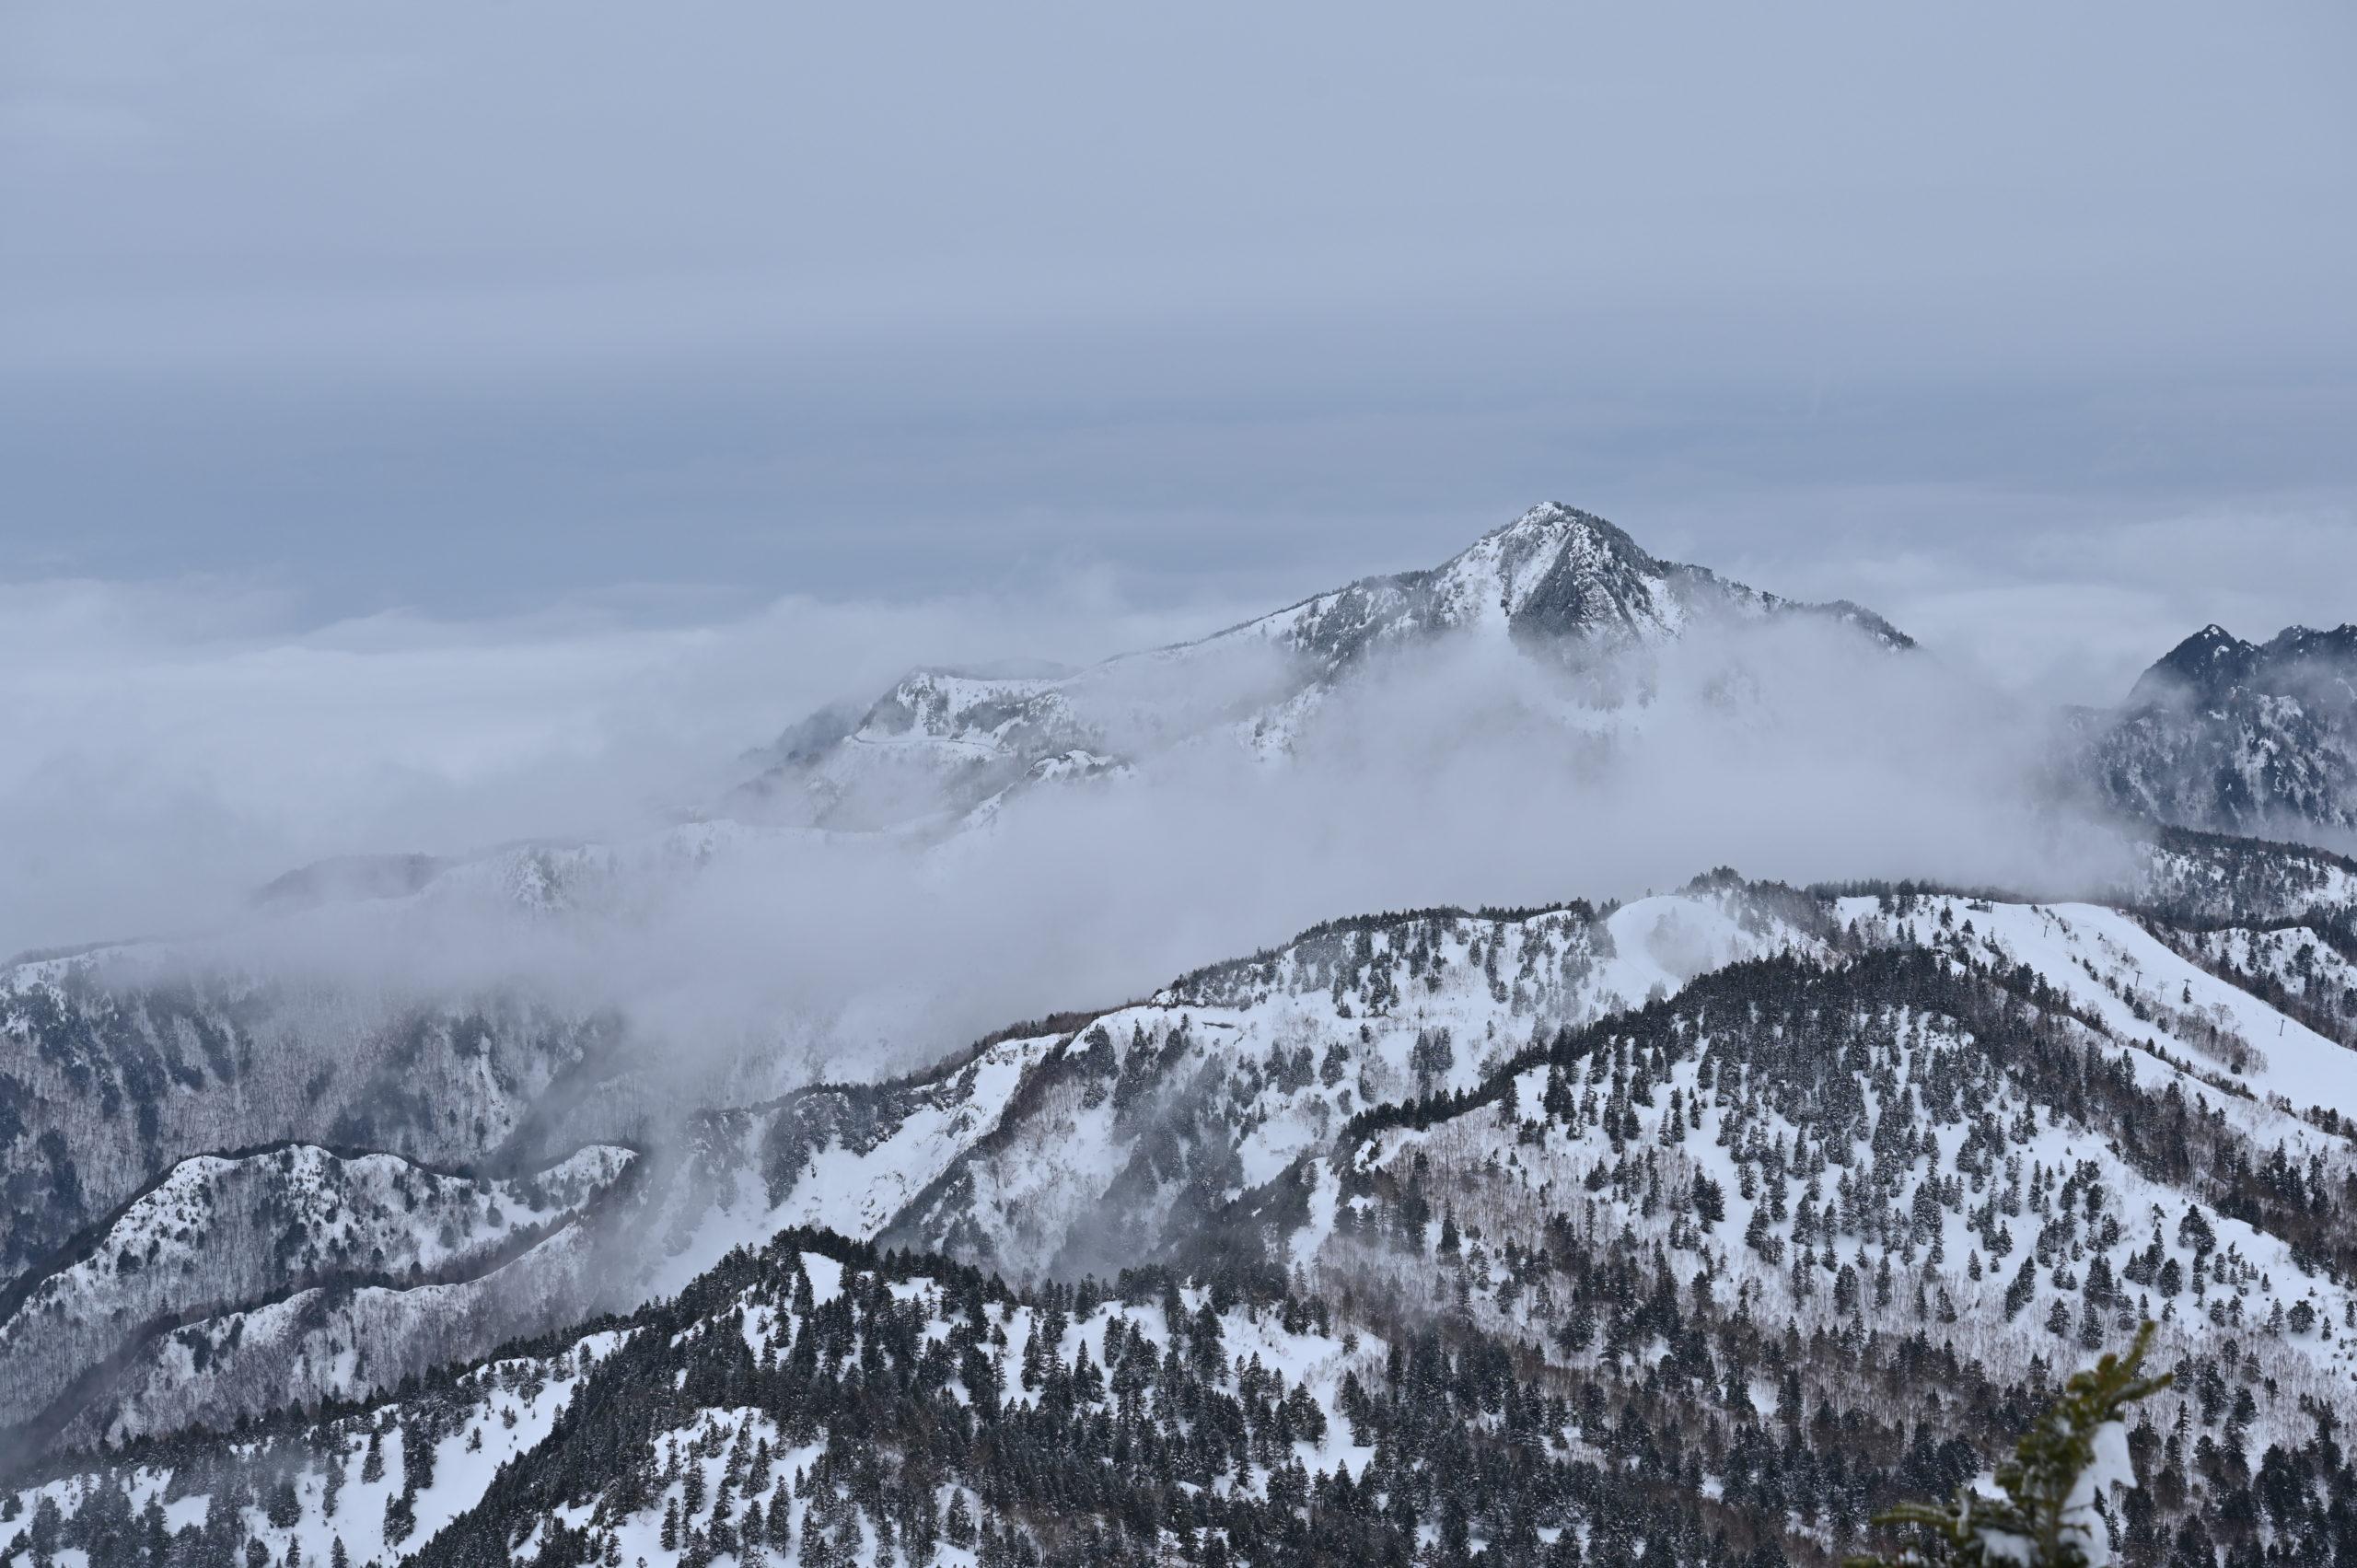 志賀高原写真教室 横手山山頂から雲海を臨む